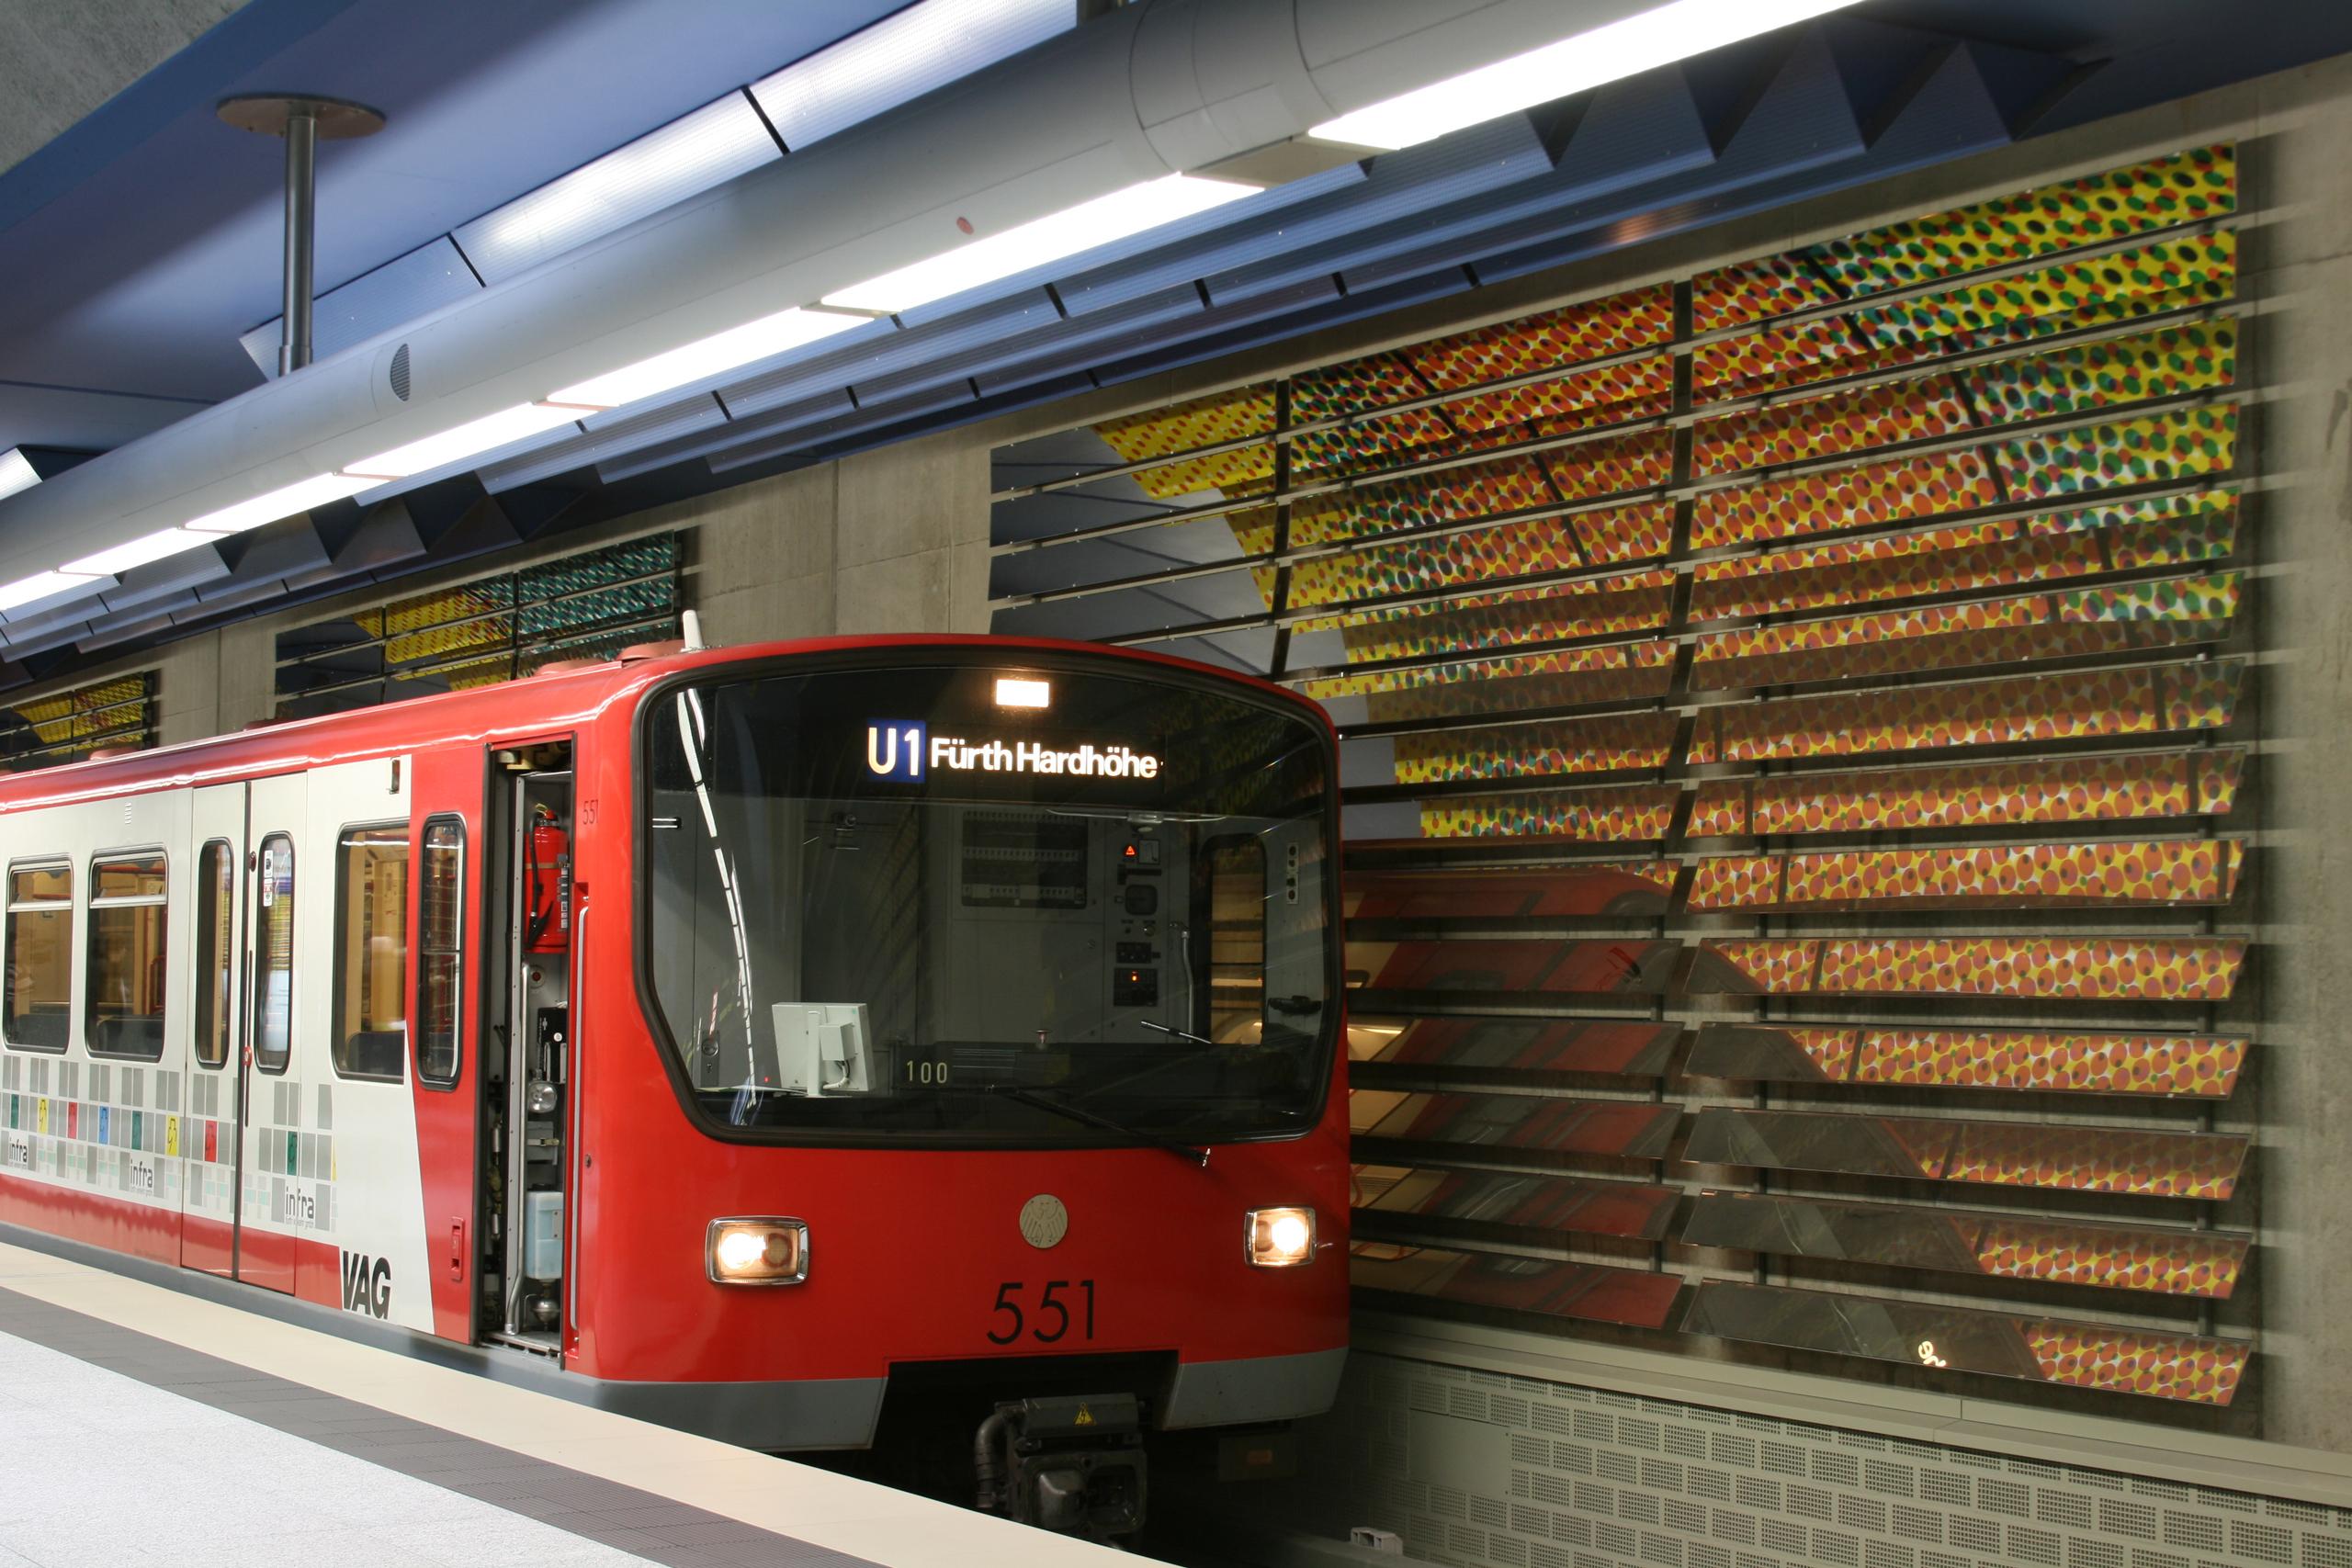 U-Bahn Hardhöhe